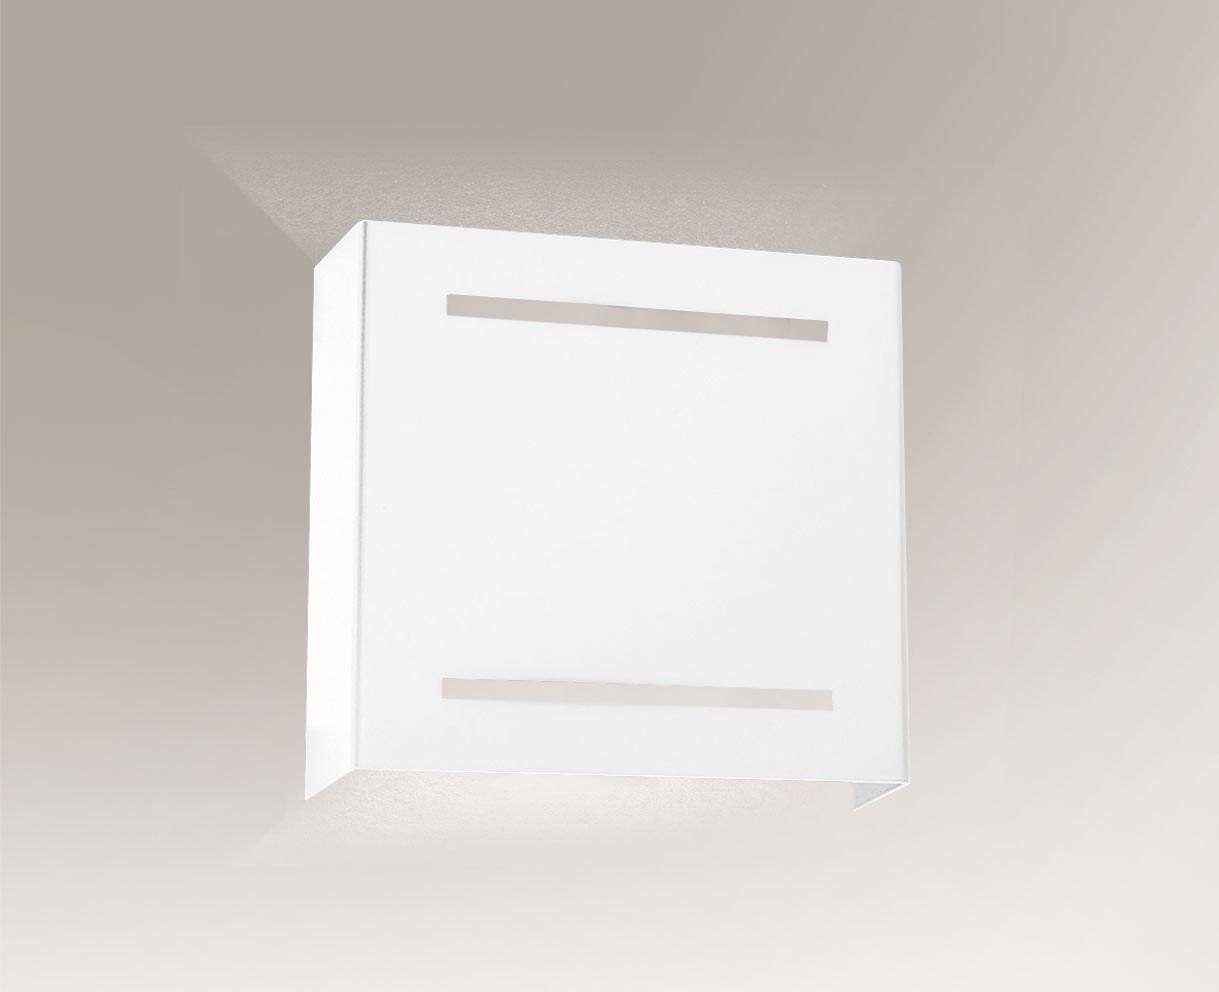 Kinkiet KITAMI 7451 Shilo biały